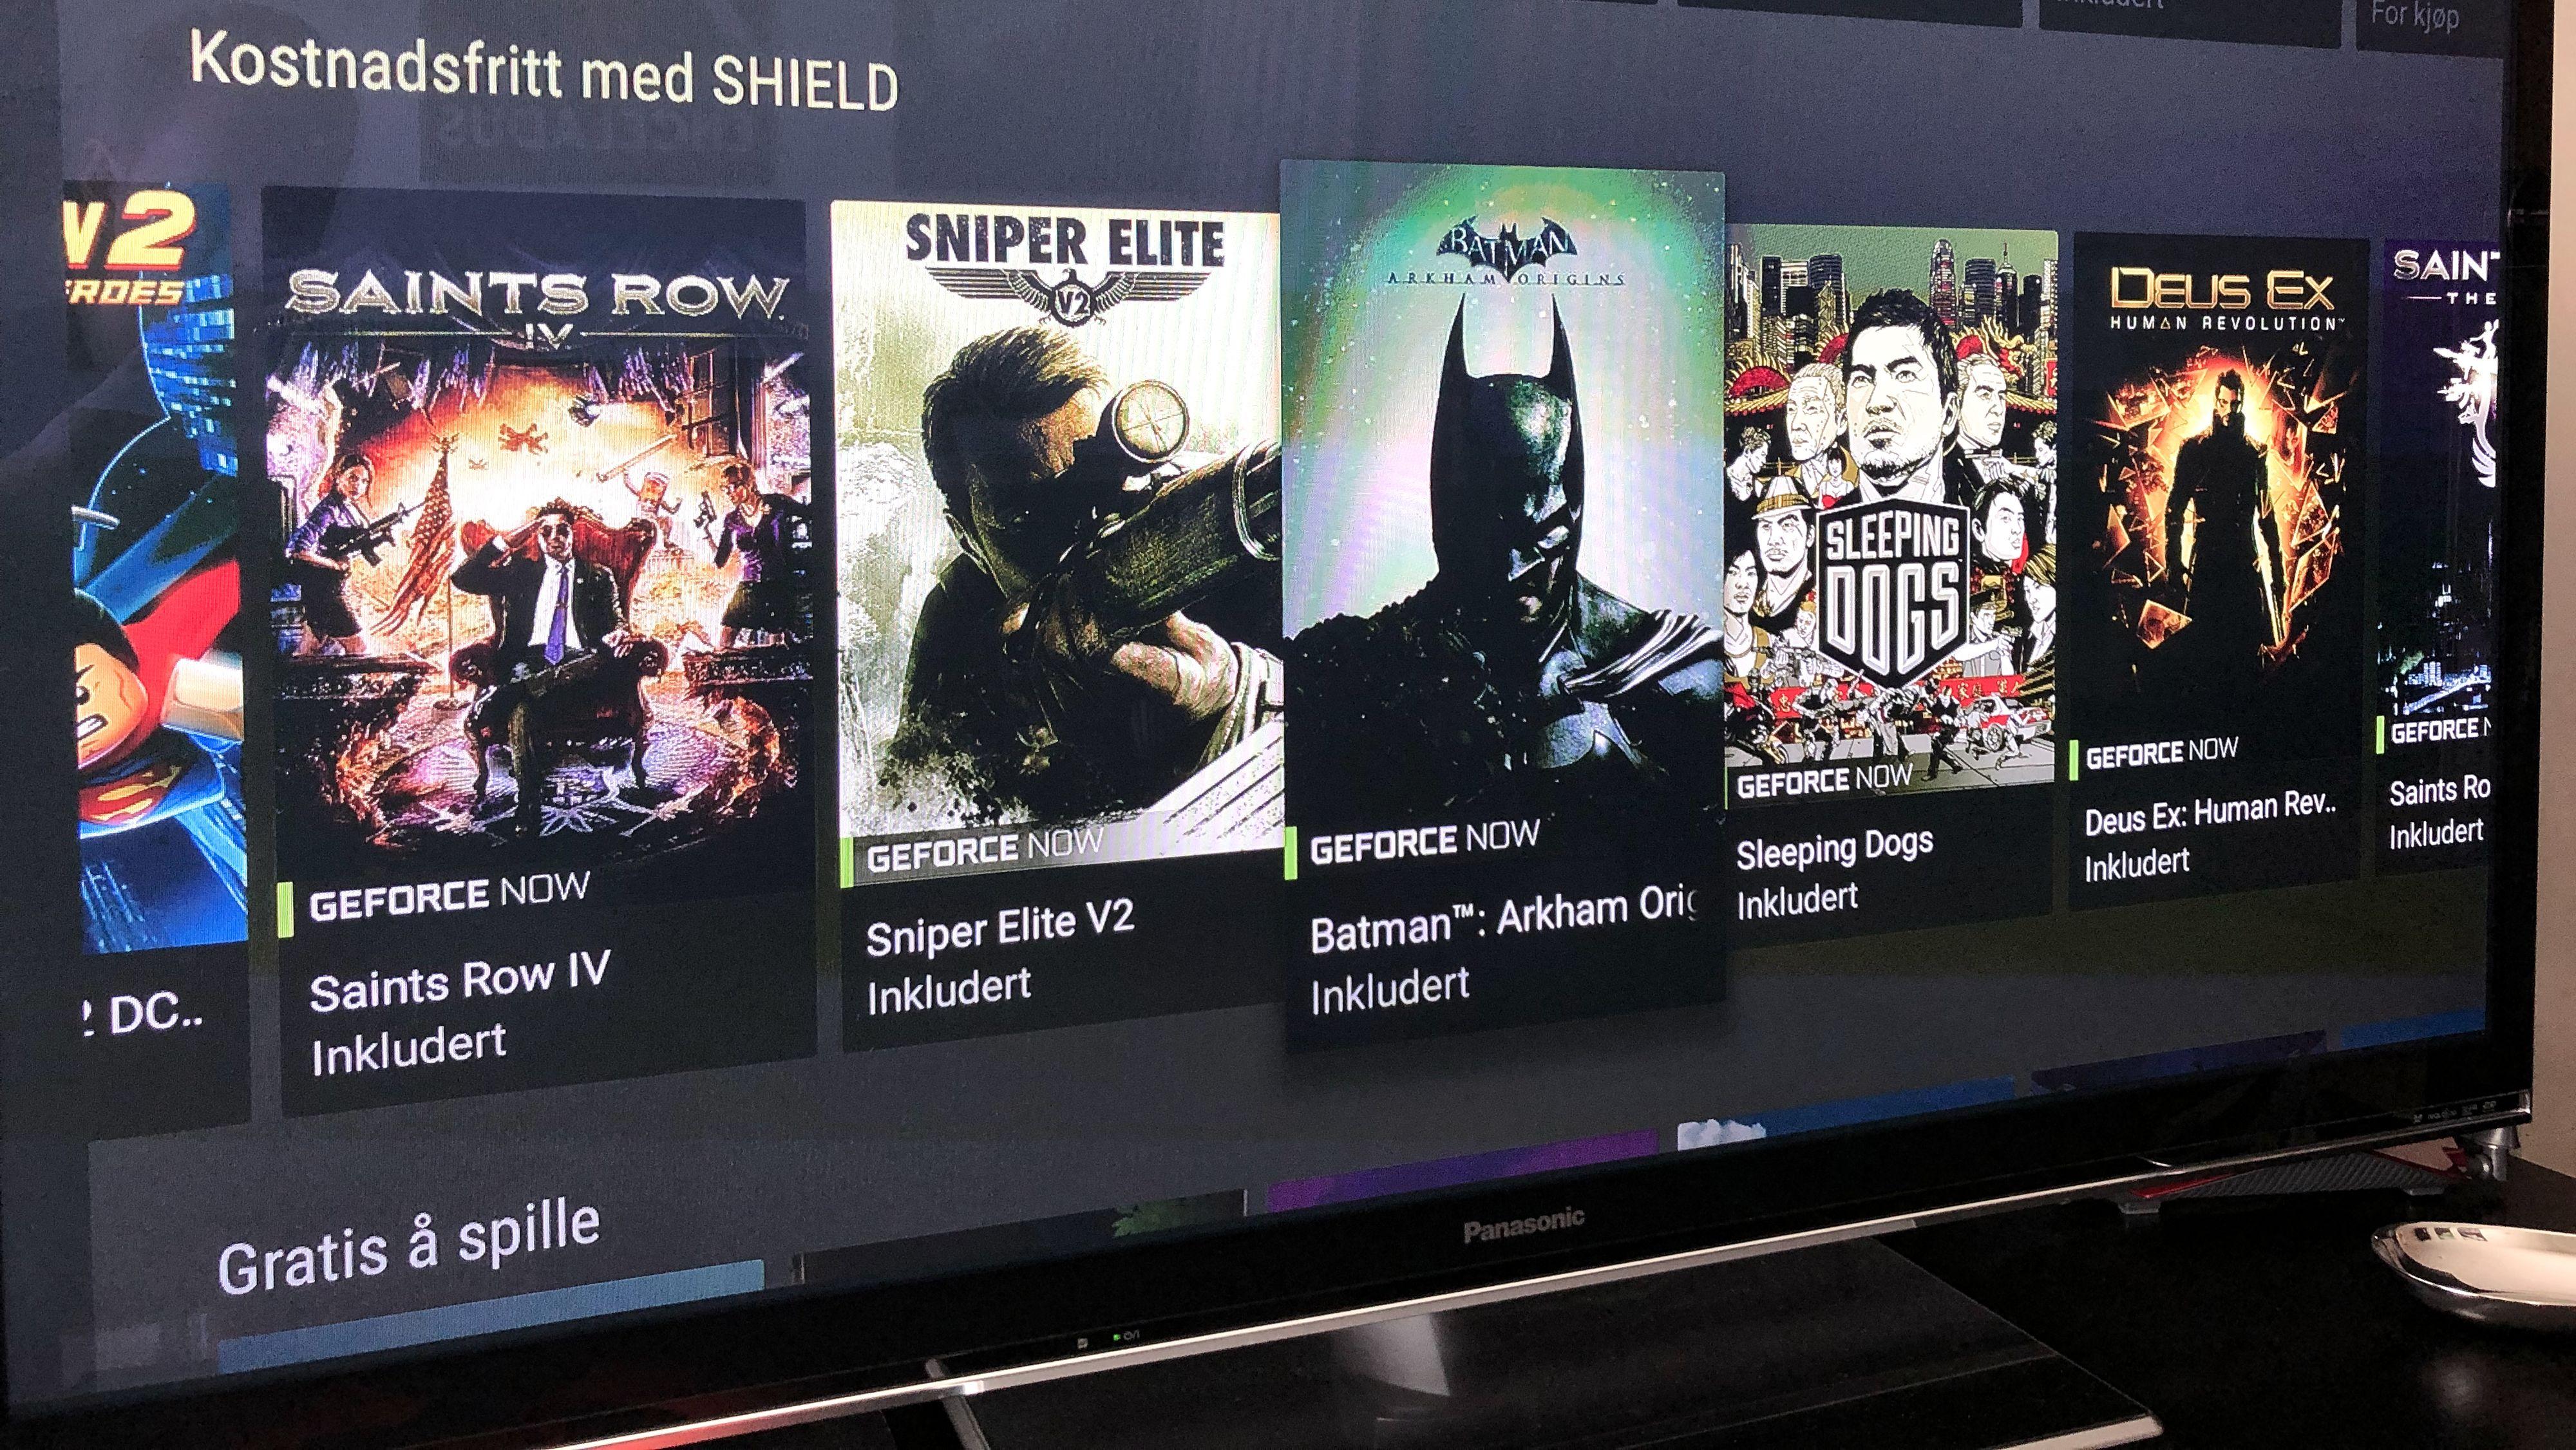 En Nvidia Shield strømmeboks gir deg enklest tilgang til GeForce Now betaen og en håndfull gratis spill å prøve ut.